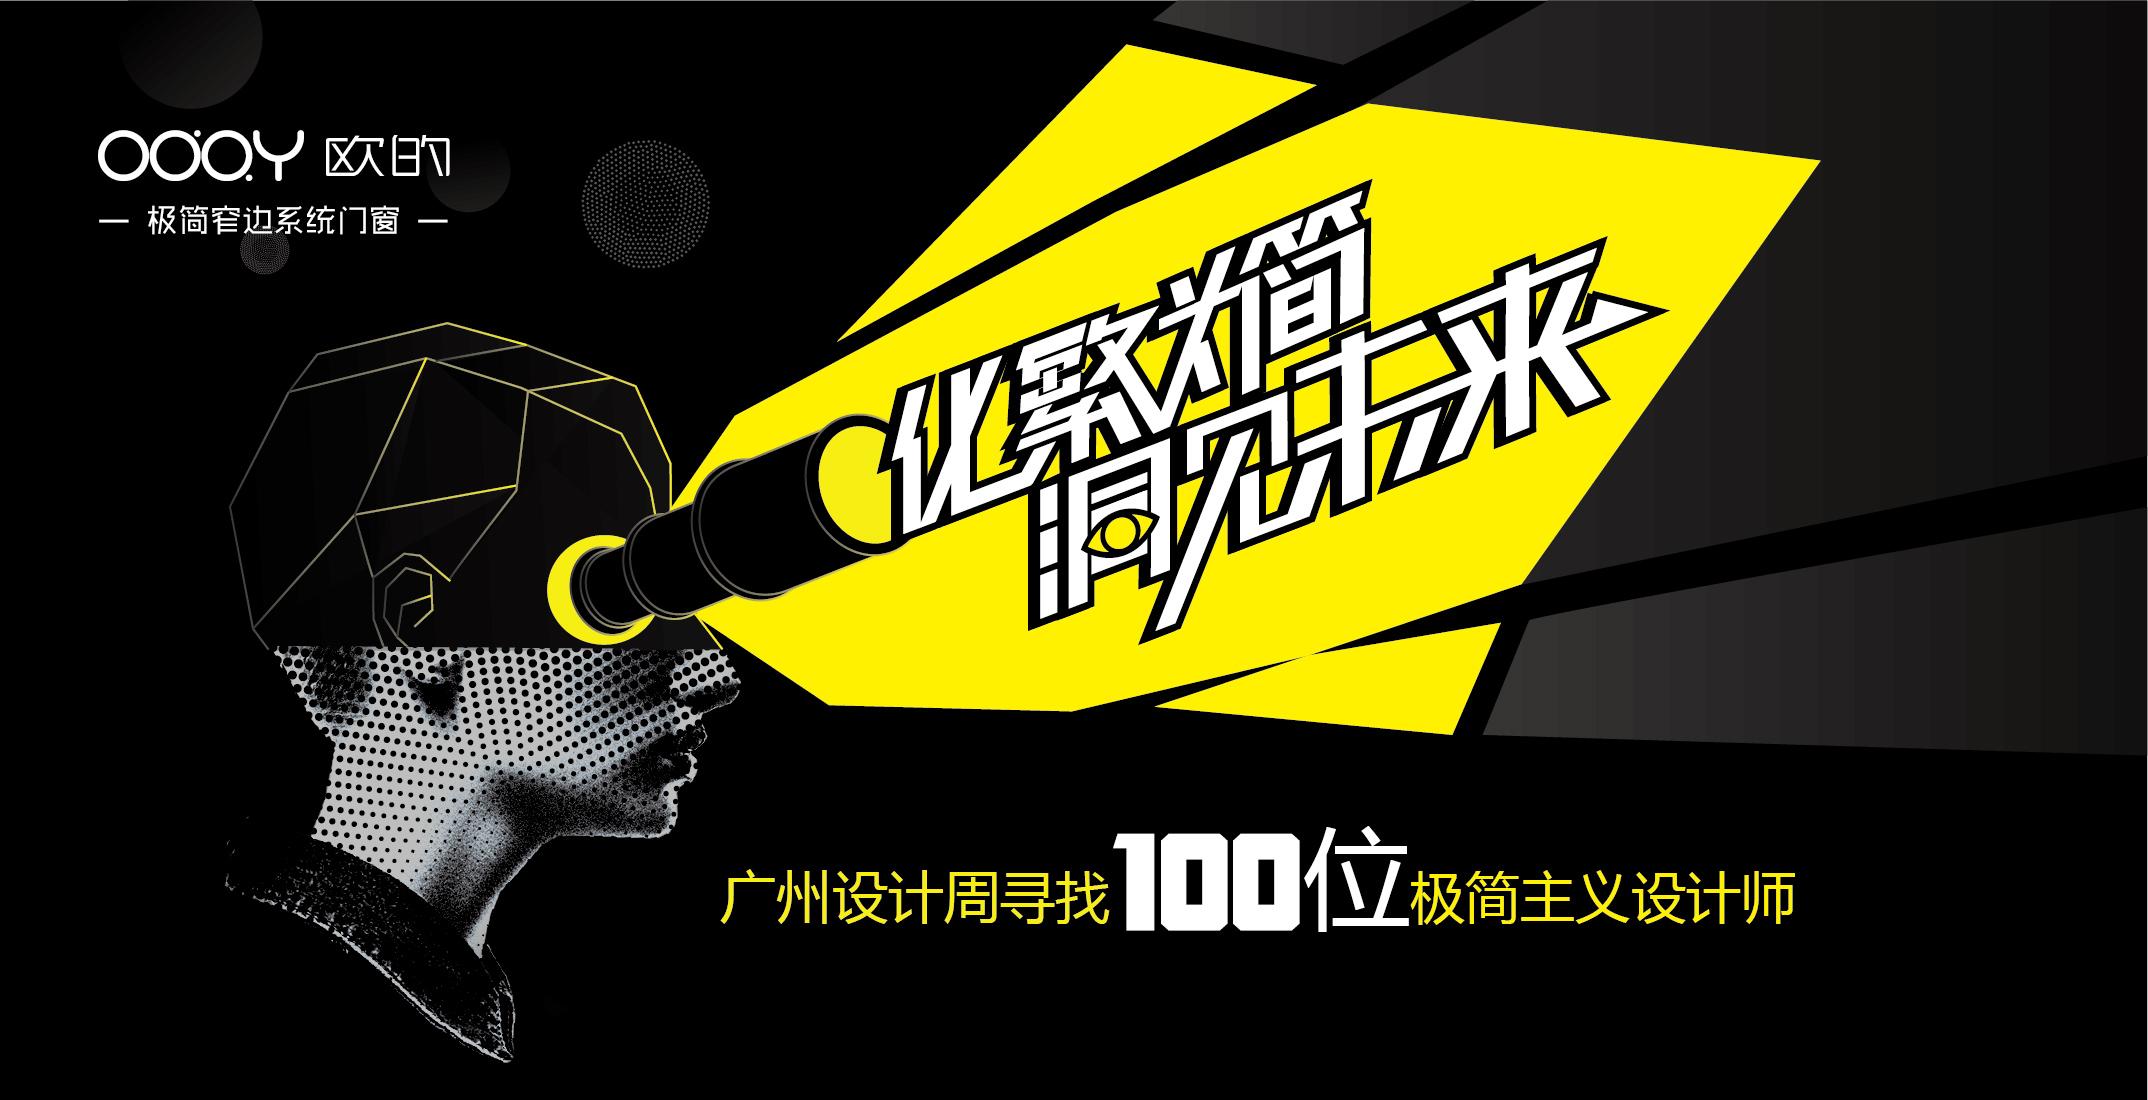 化繁为简 洞见未来  广州设计周寻找100位极简主义设计师